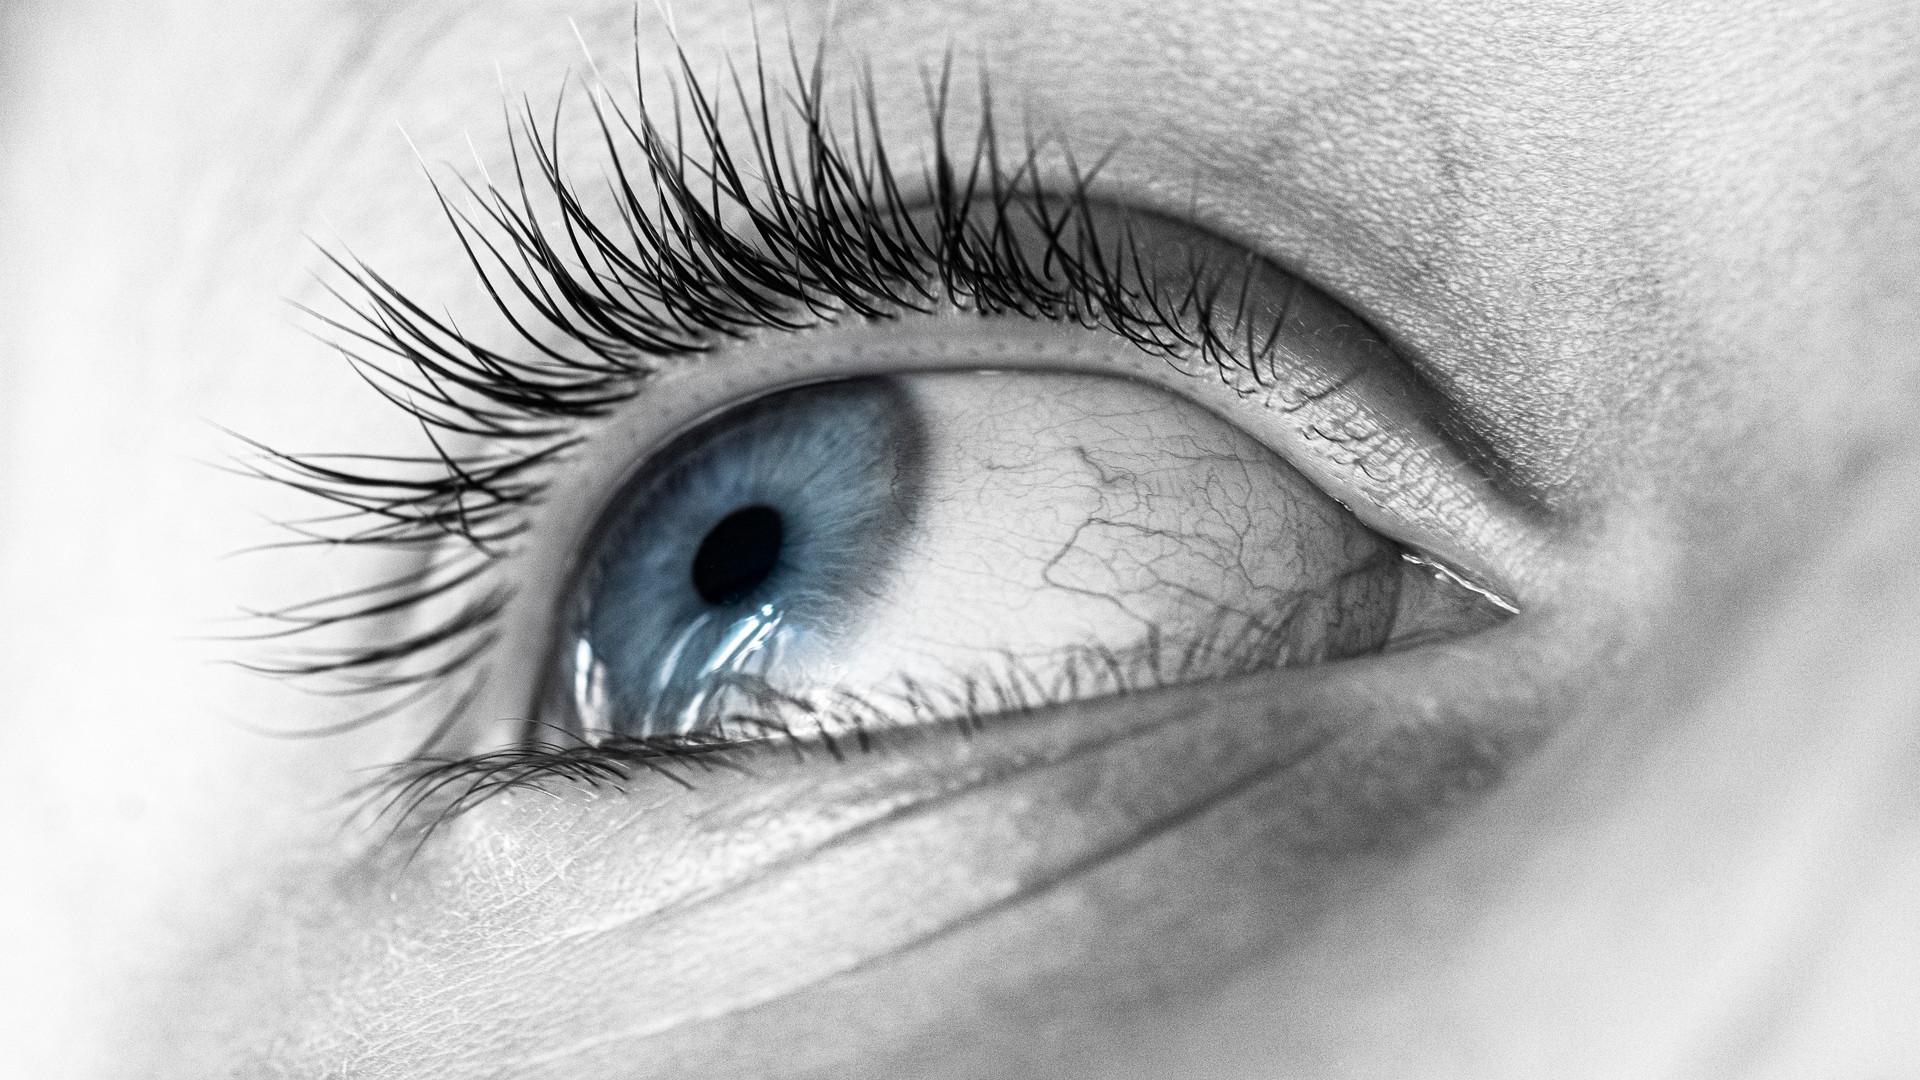 Eye Left